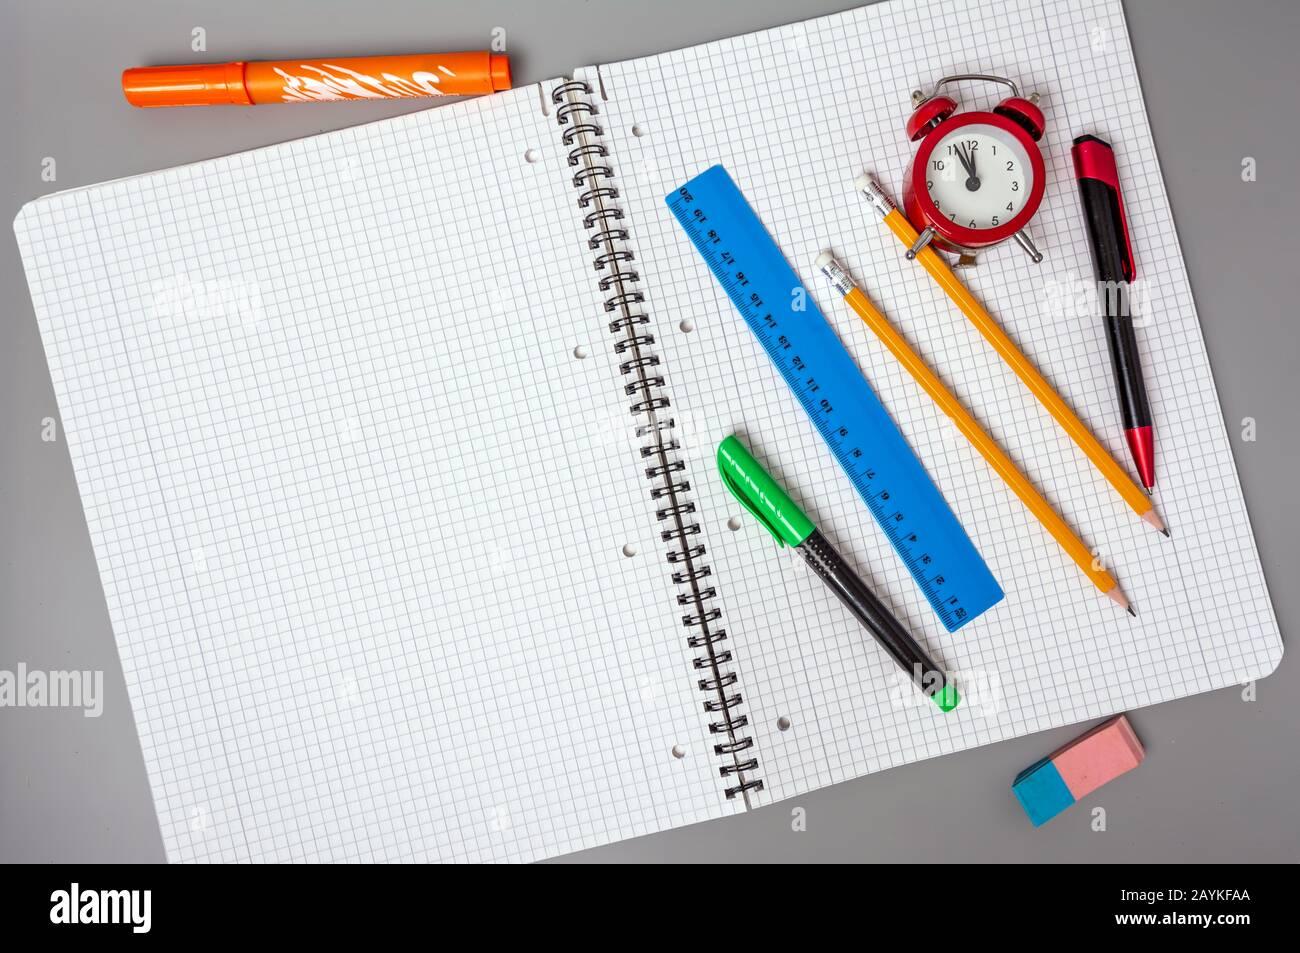 Lápices, un bolígrafo y una regla se encuentran en un cuaderno abierto. Un reloj despertador recuerda la hora. Oficina. Materiales escolares. Foto de stock